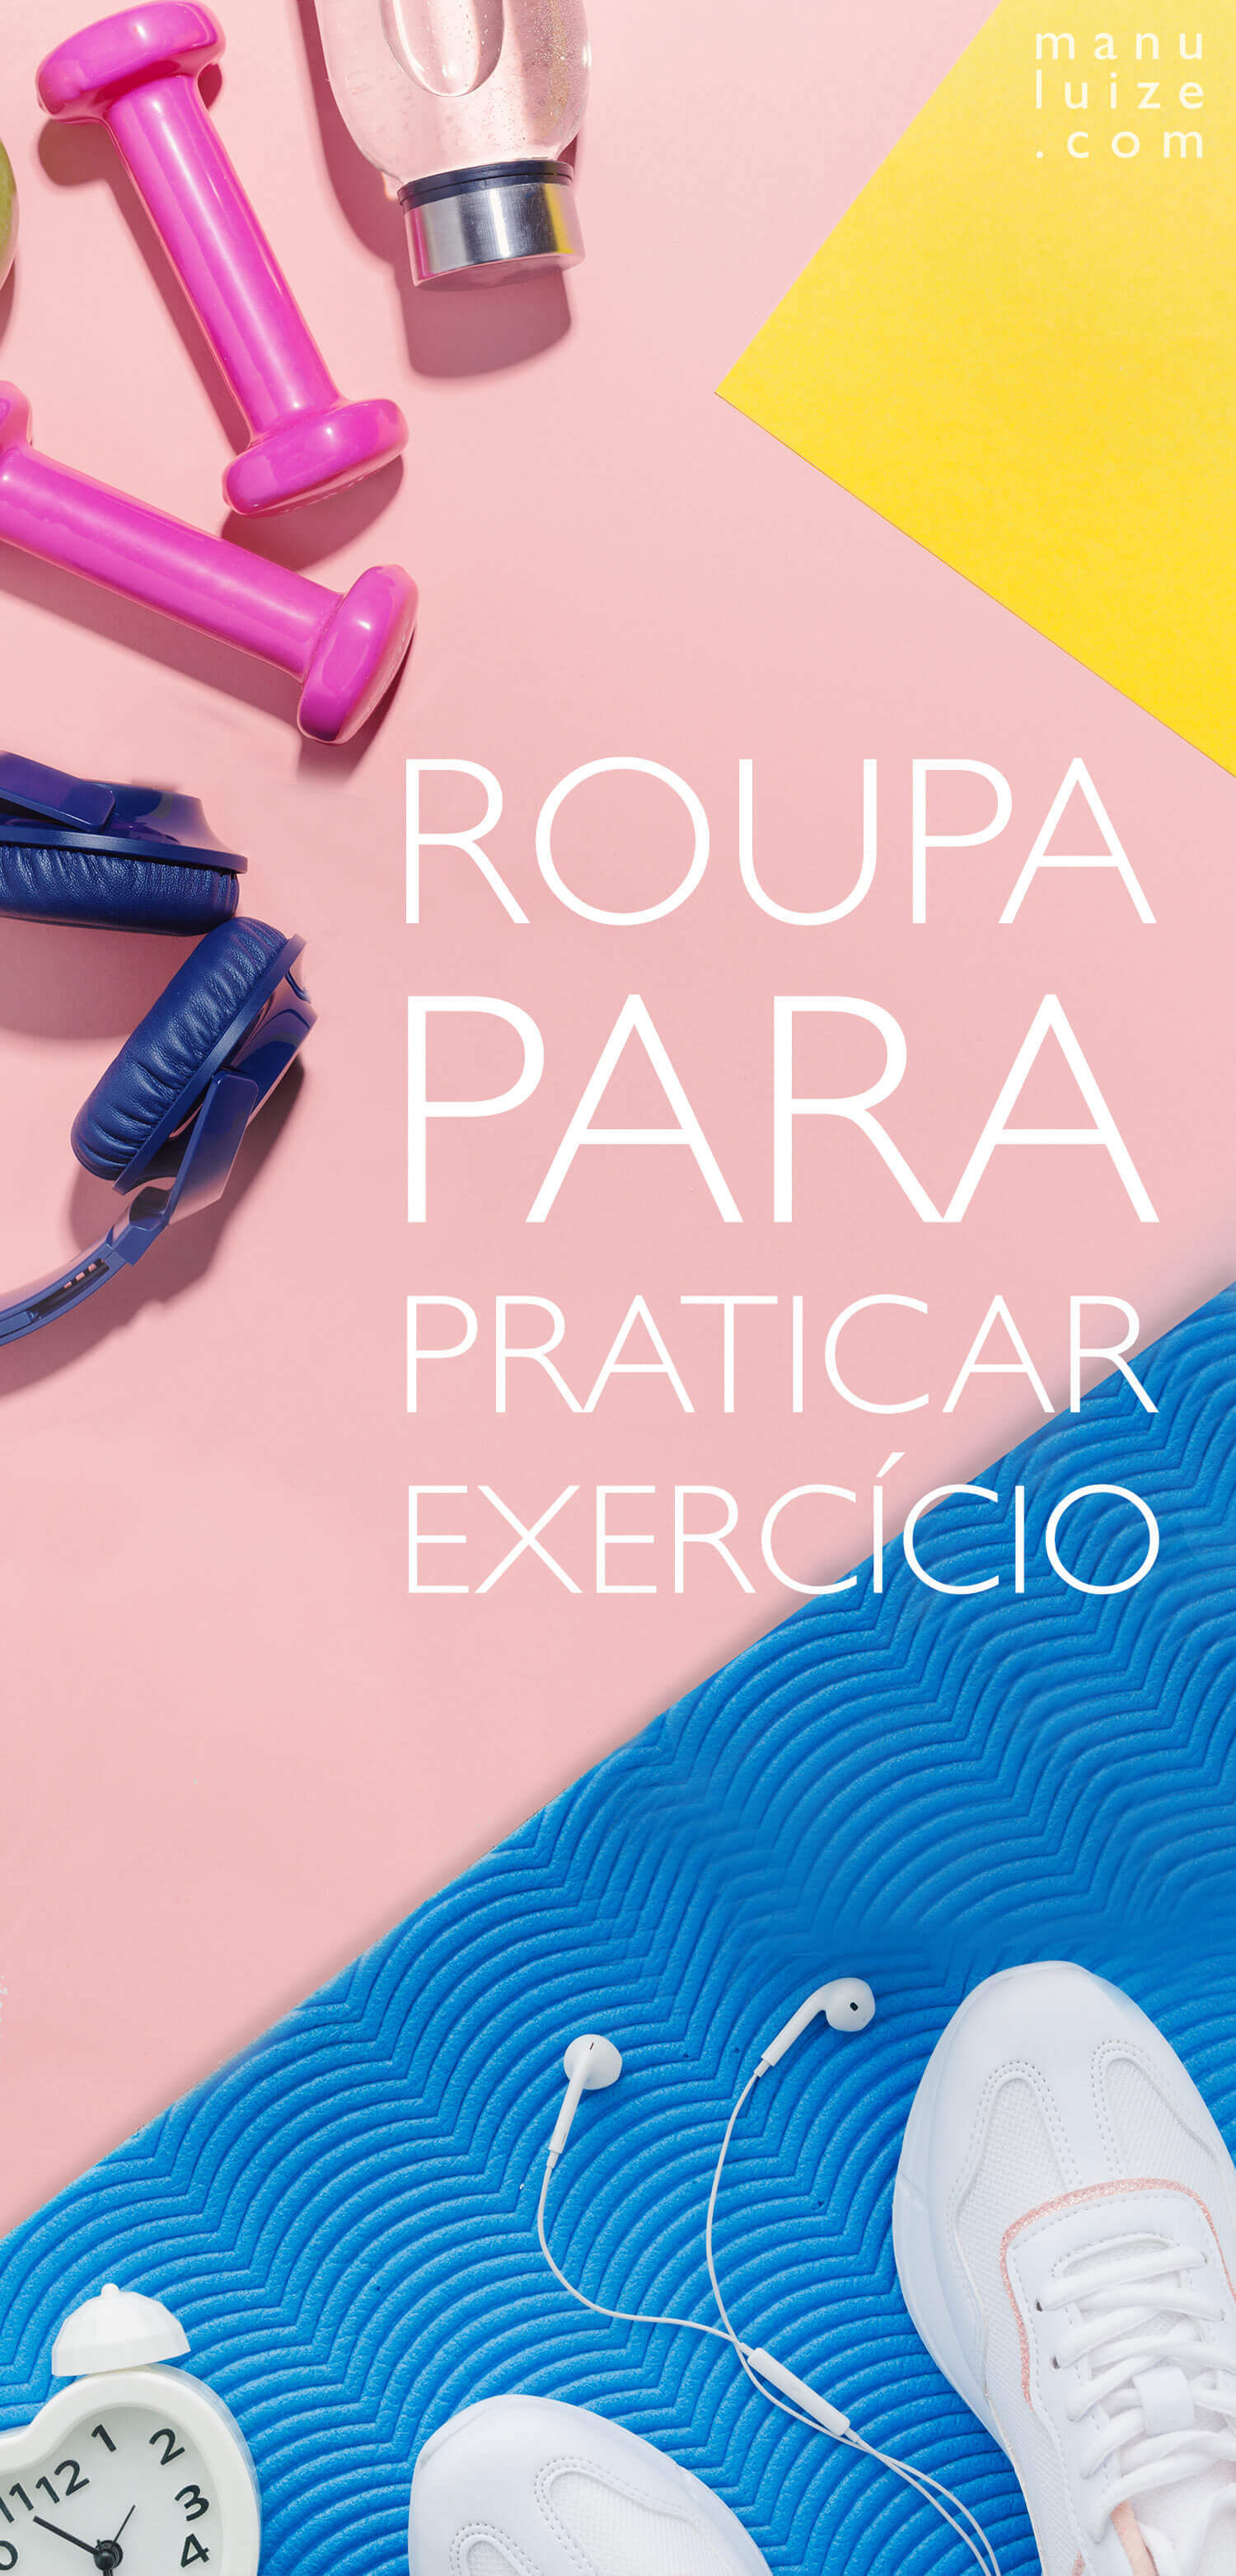 Roupas para praticar exercício